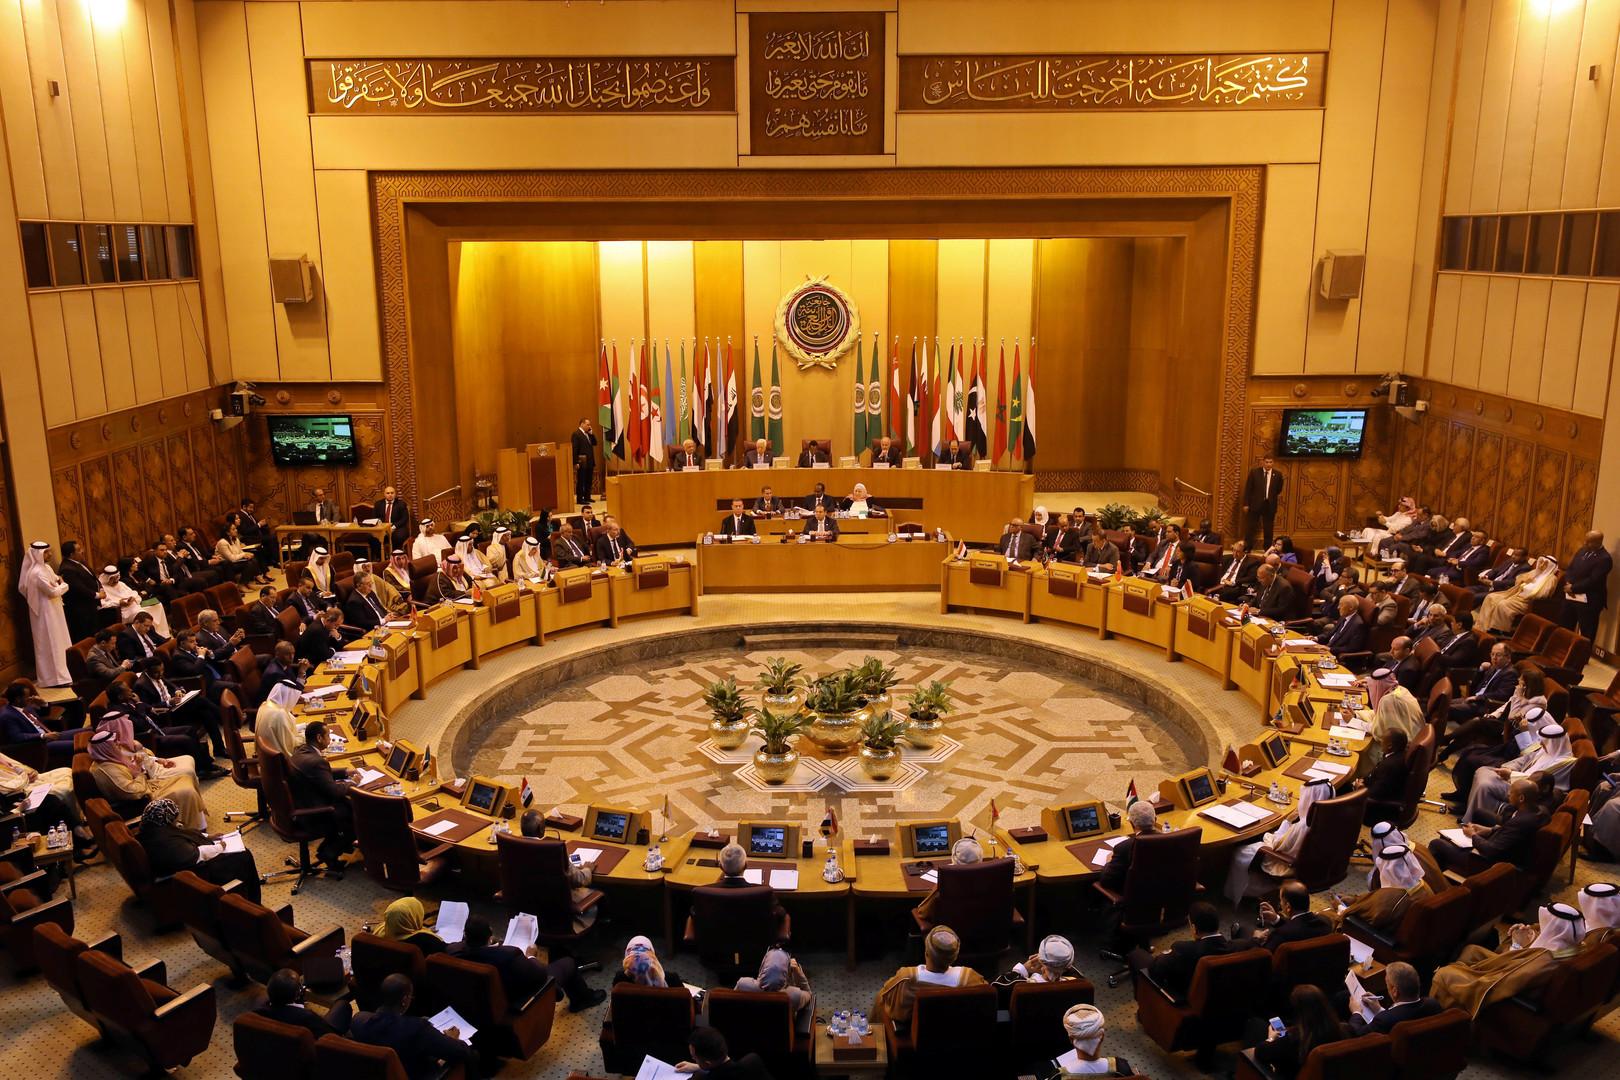 اجتماع طارئ لمجلس جامعة الدول العربية بمقرها في القاهرة على مستوى وزراء الخارجية العرب لبحث تطورات القضية الفلسطينية (21 أبريل 2019)